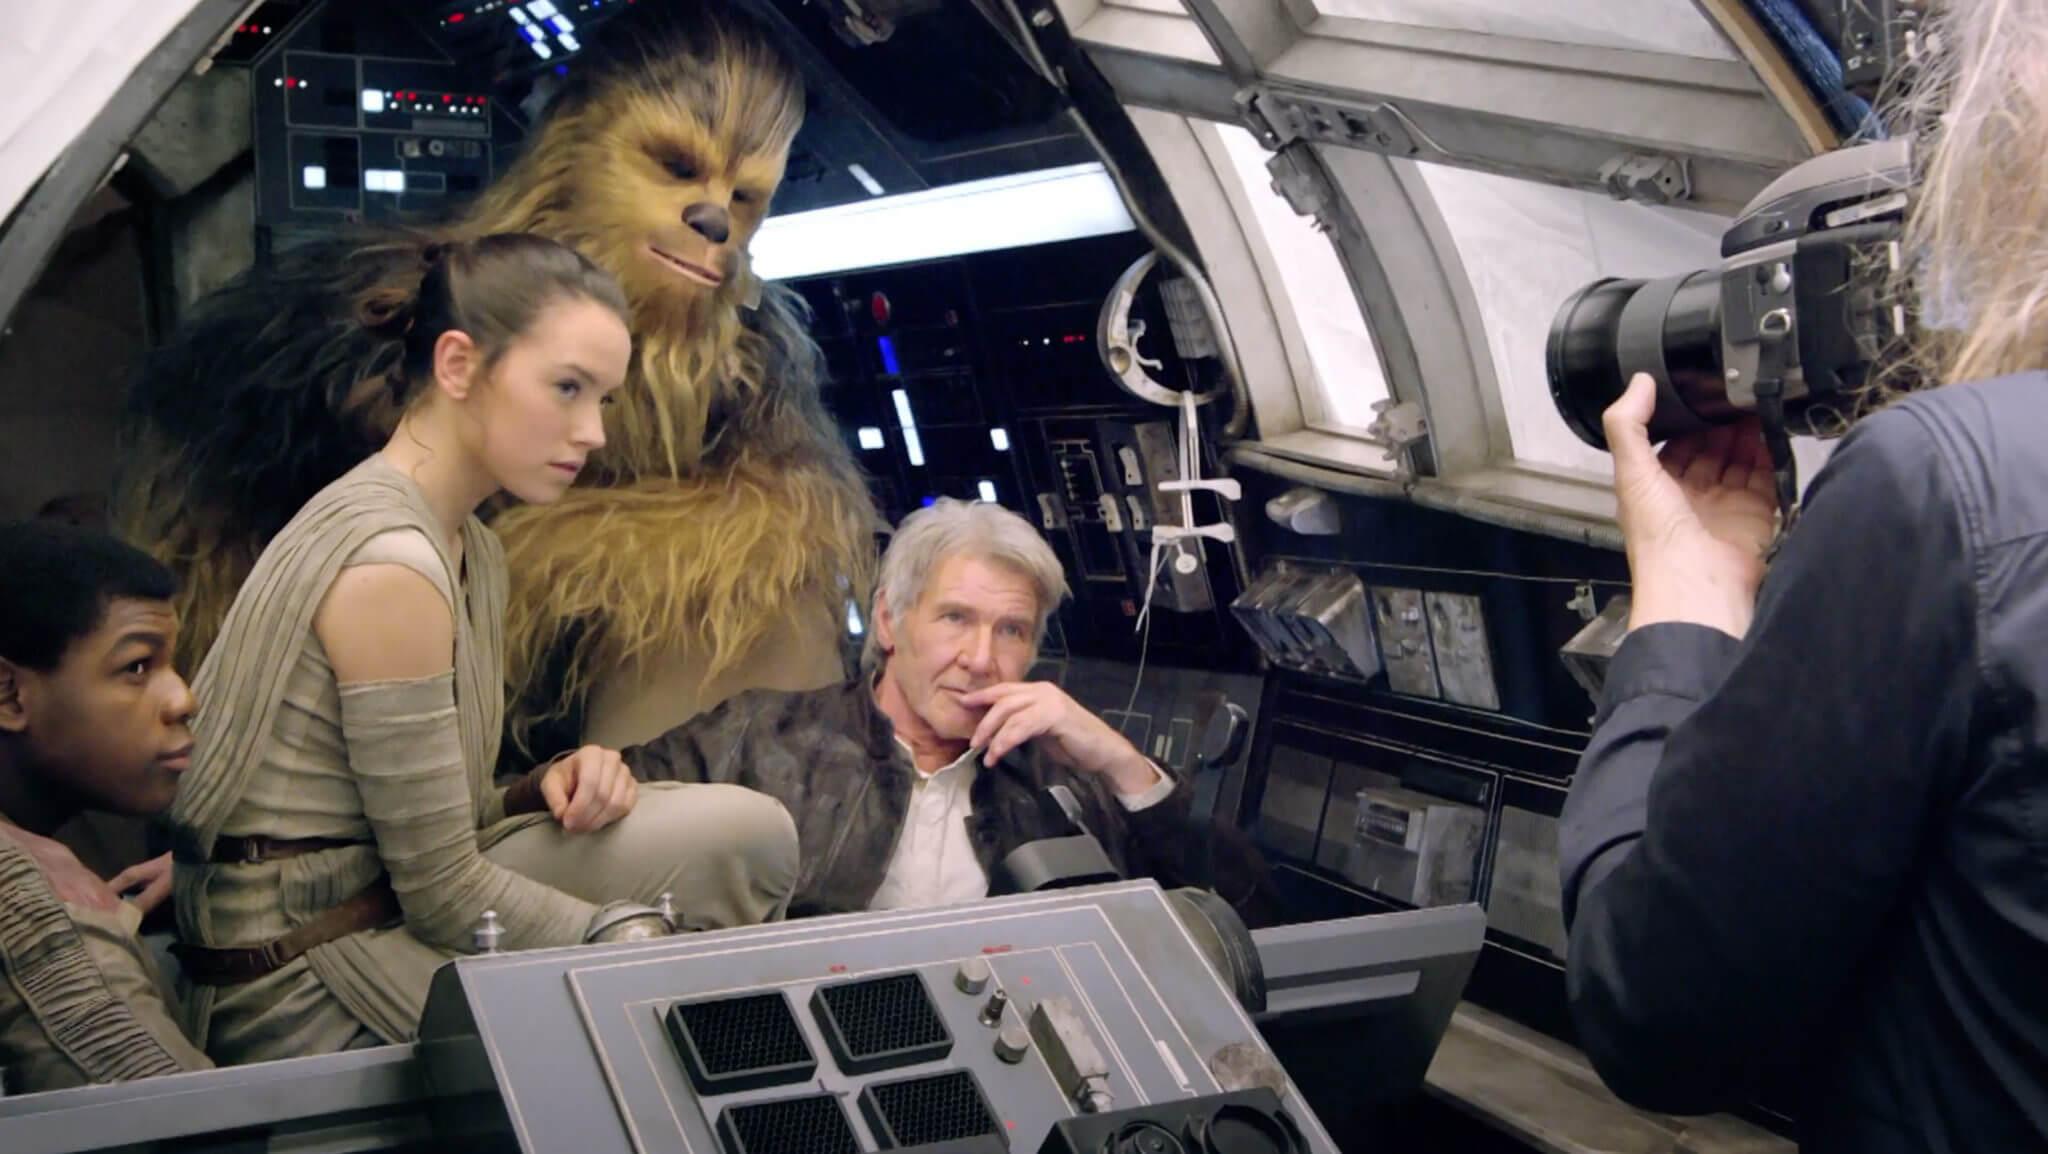 Todos ali, numa millenium falcon de verdade com o Chewie de verdade.